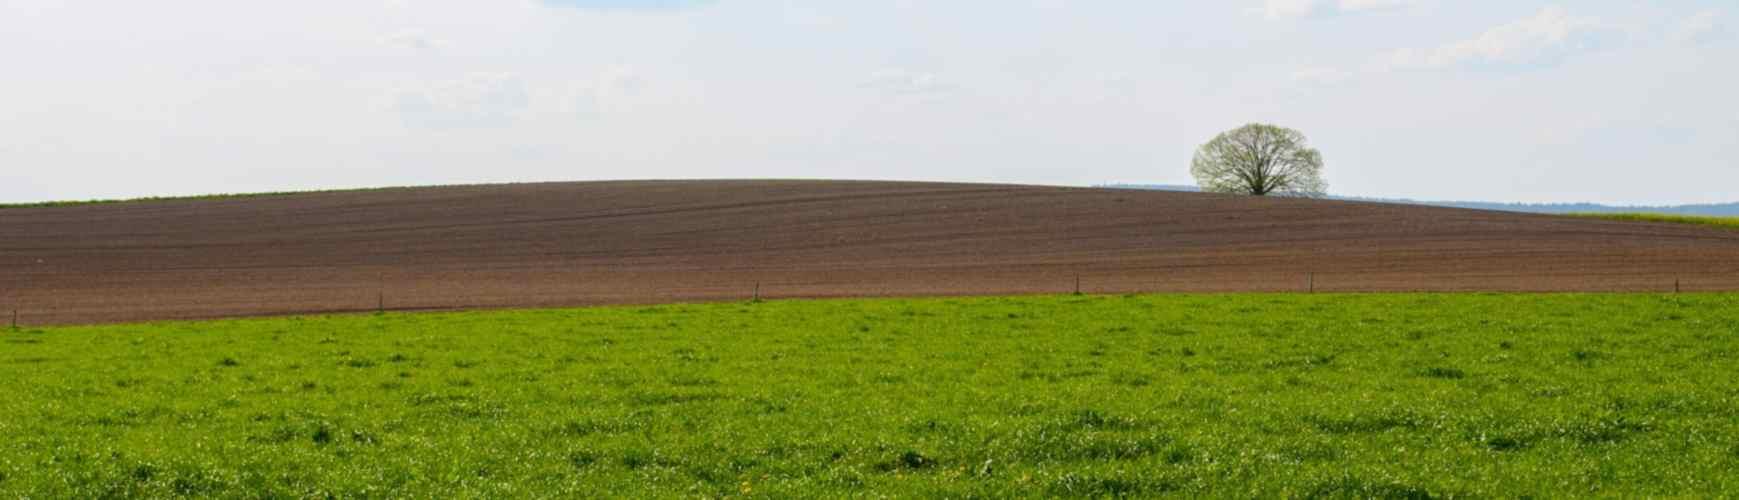 landscape-3370760_1920 - Copia